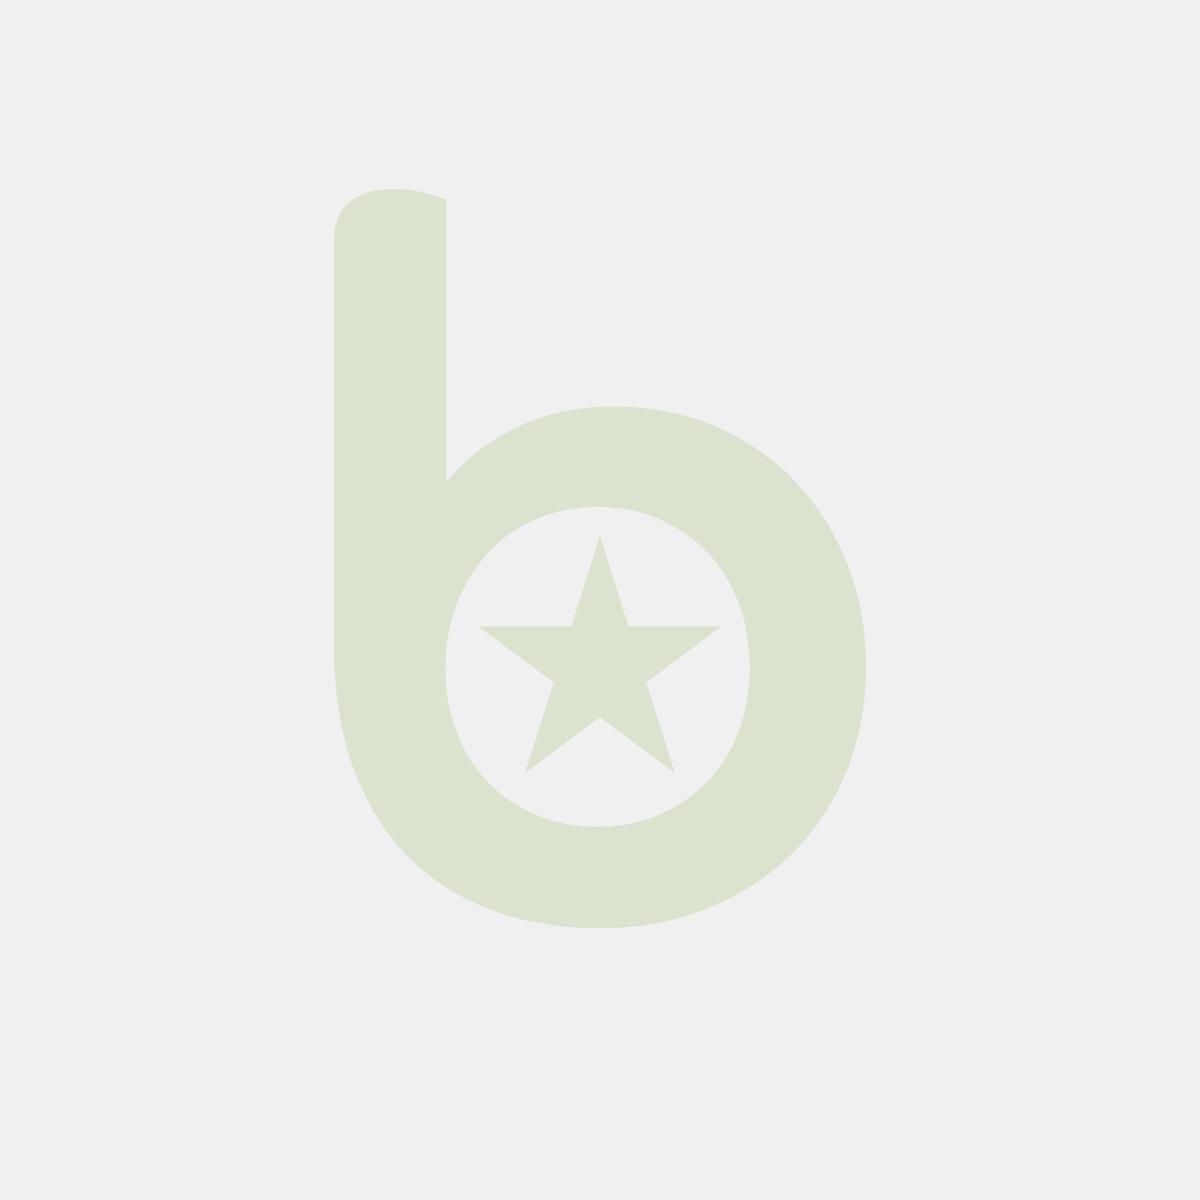 K 227/2 H3 poj. obiad biały dwudzielny op.50szt 227x178x30 (4)